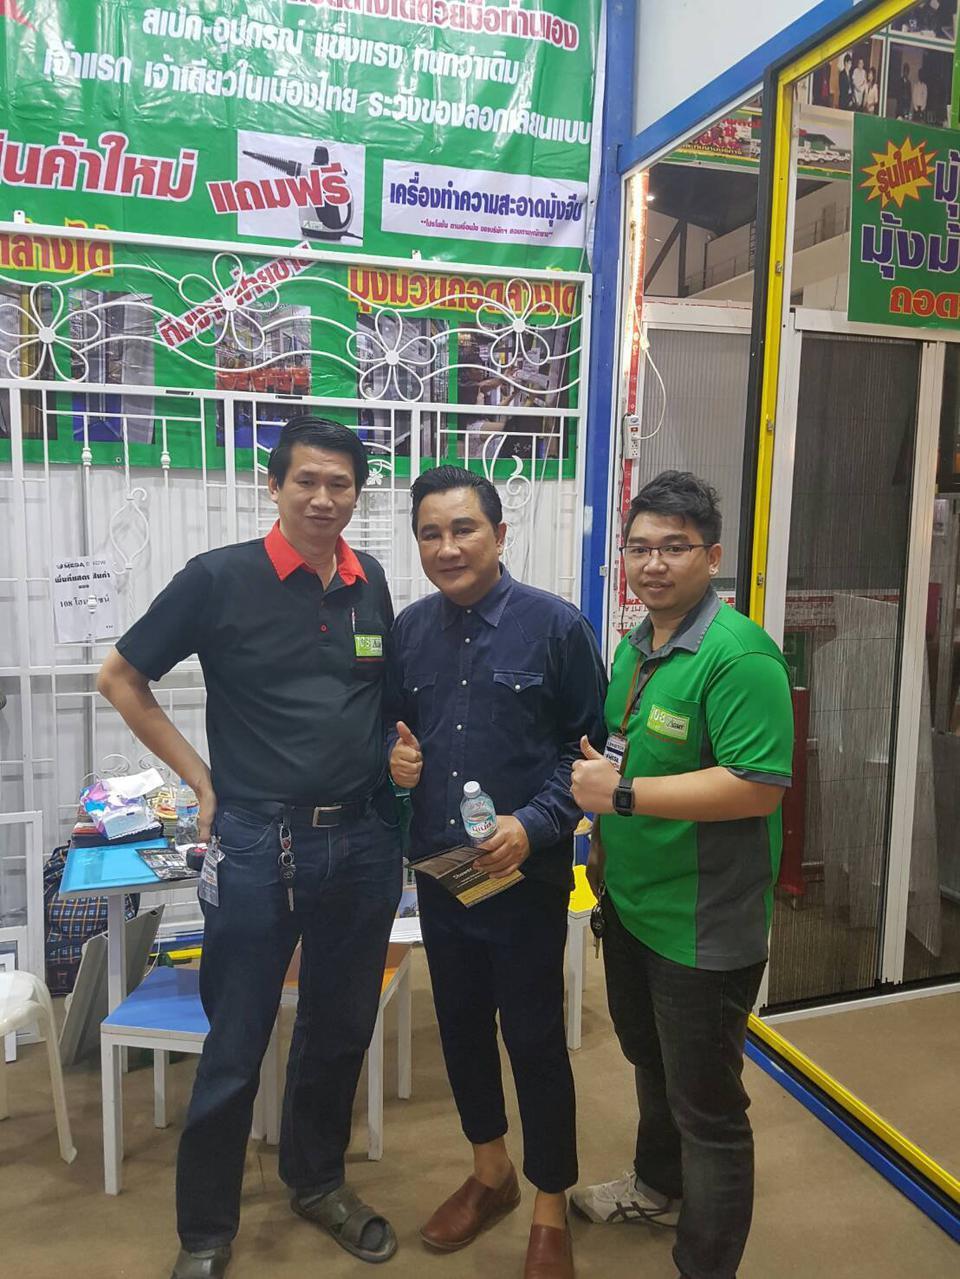 โรงงานผู้ผลิตมุ้งลวดจีบ โดยตรงขายดีอันดับ1ของเมืองไทย รูปที่ 1